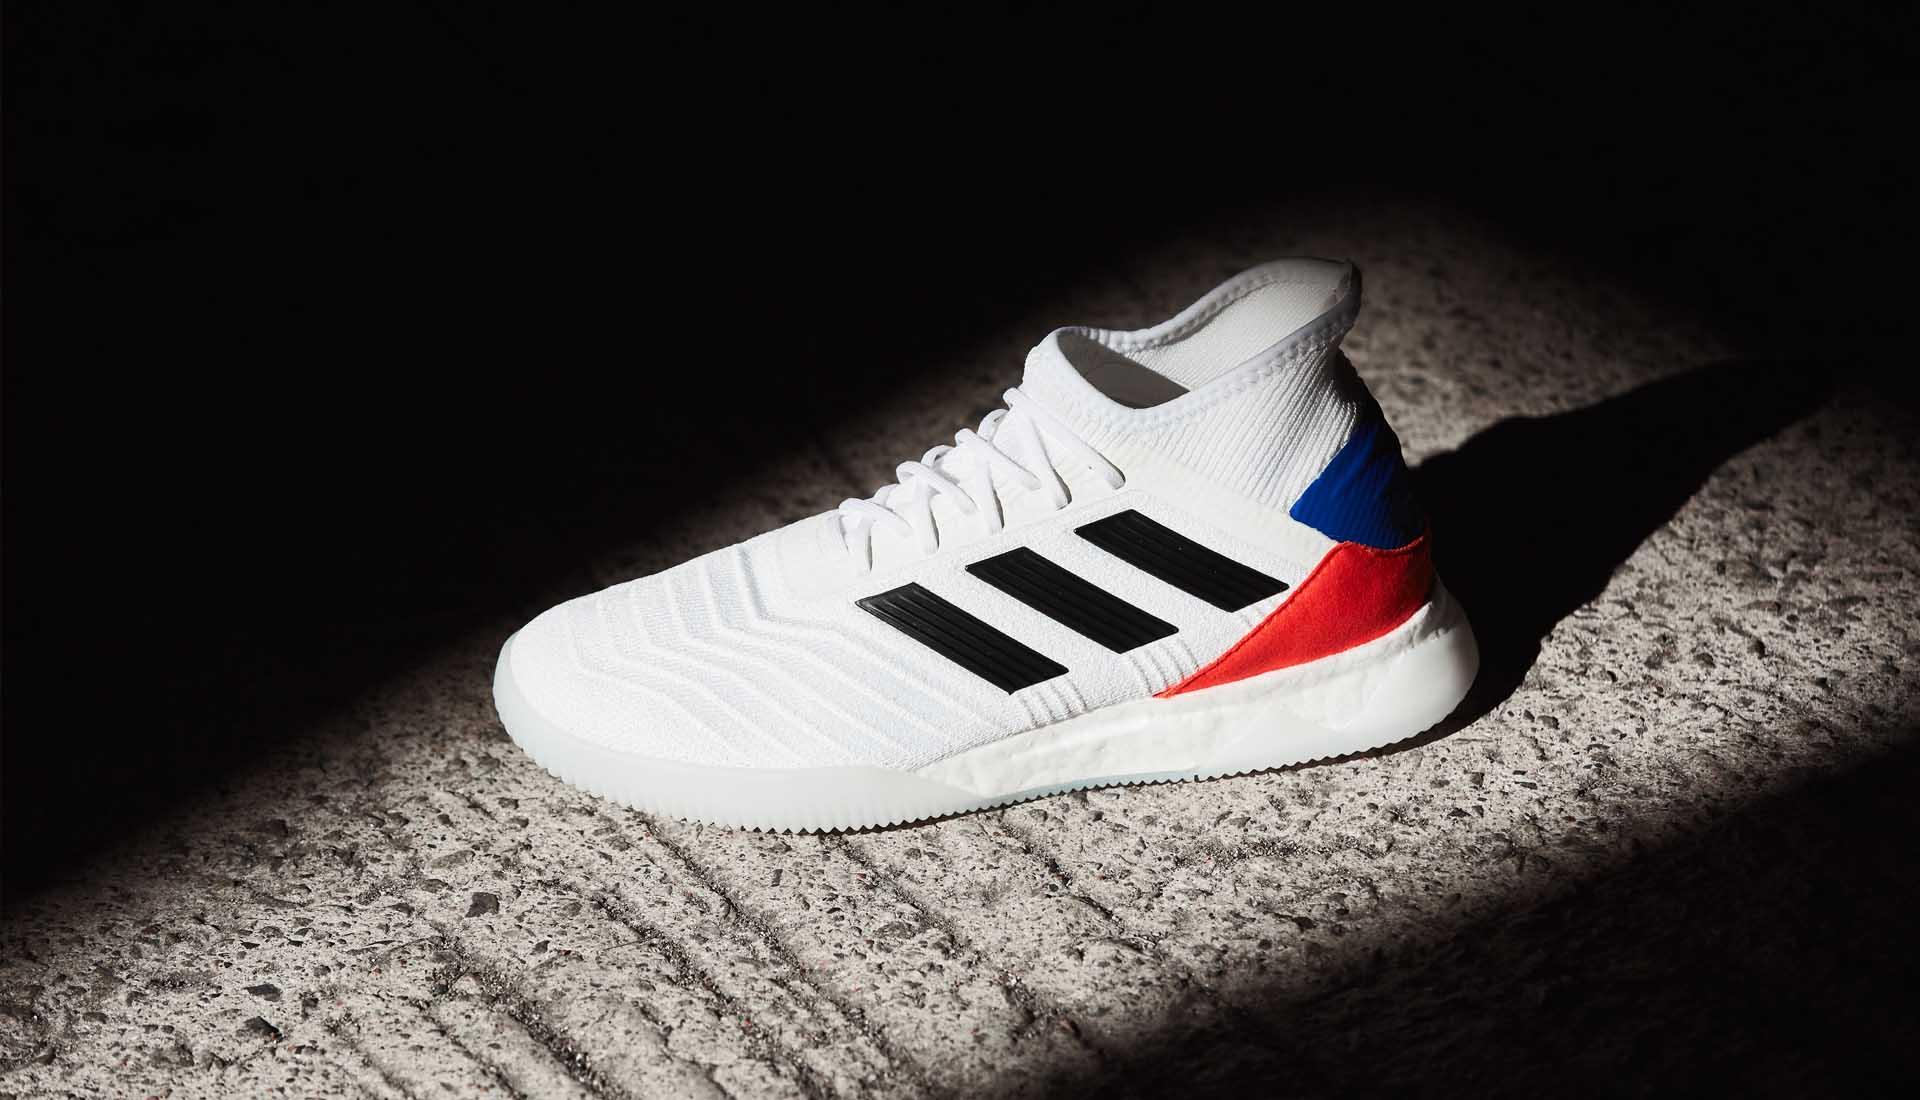 023fea1a294 Adidas lanceert rood/wit/blauwe en grijze Predat - Voetbal-schoenen.eu